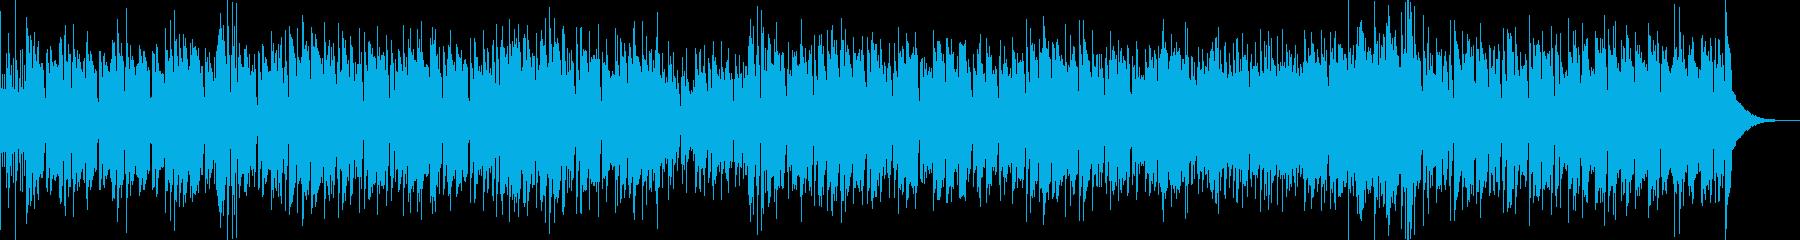 スタンダードジャズ ブラス ラテンビートの再生済みの波形